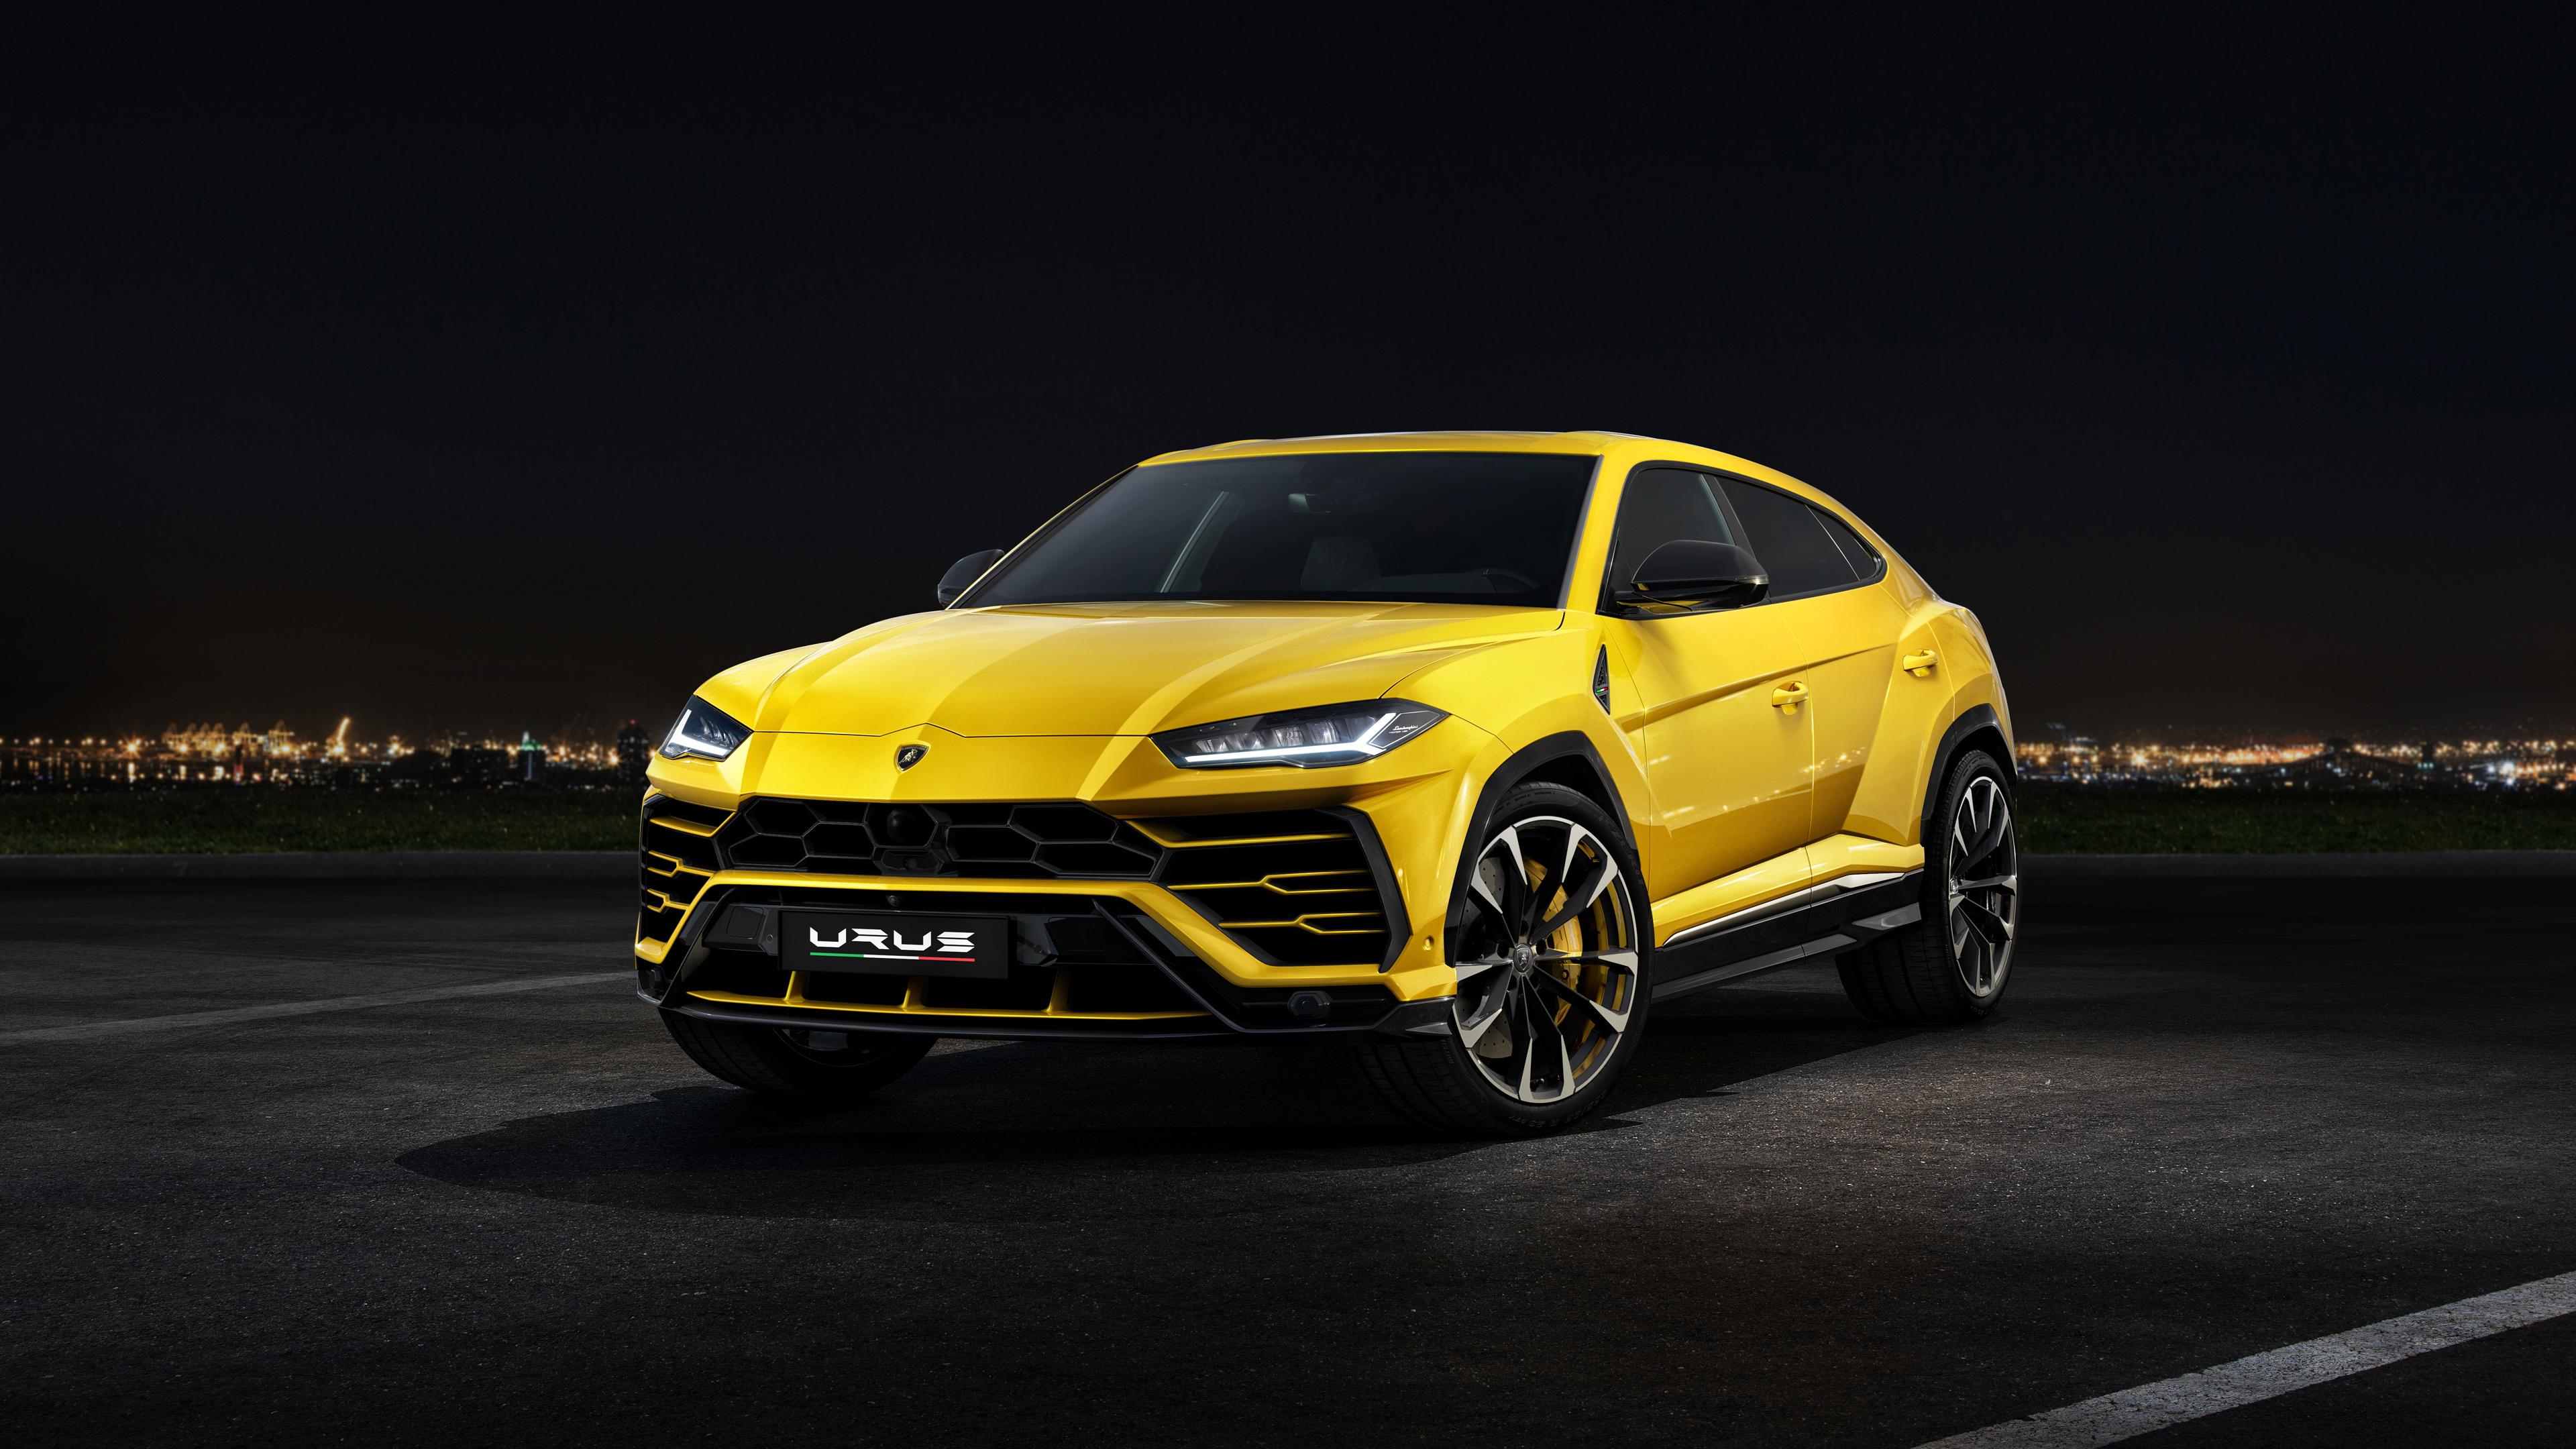 2018 Lamborghini Urus 4k 7 Wallpaper Hd Car Wallpapers Id 9217